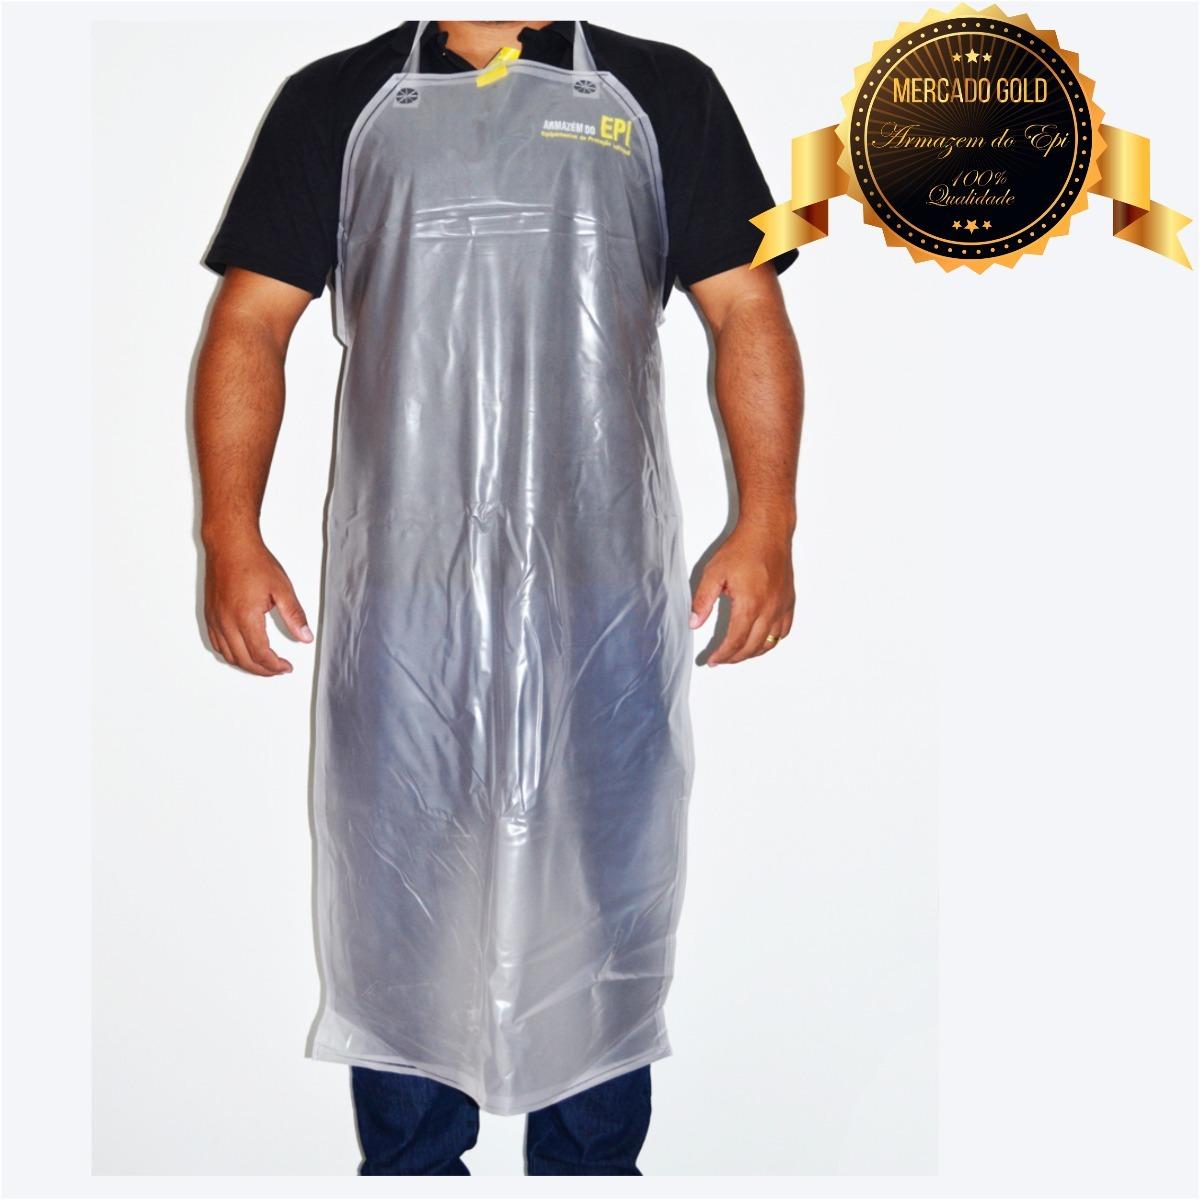 10 Avental Plastico Em Vinil Para Cozinha R 70 00 Em Mercado Livre